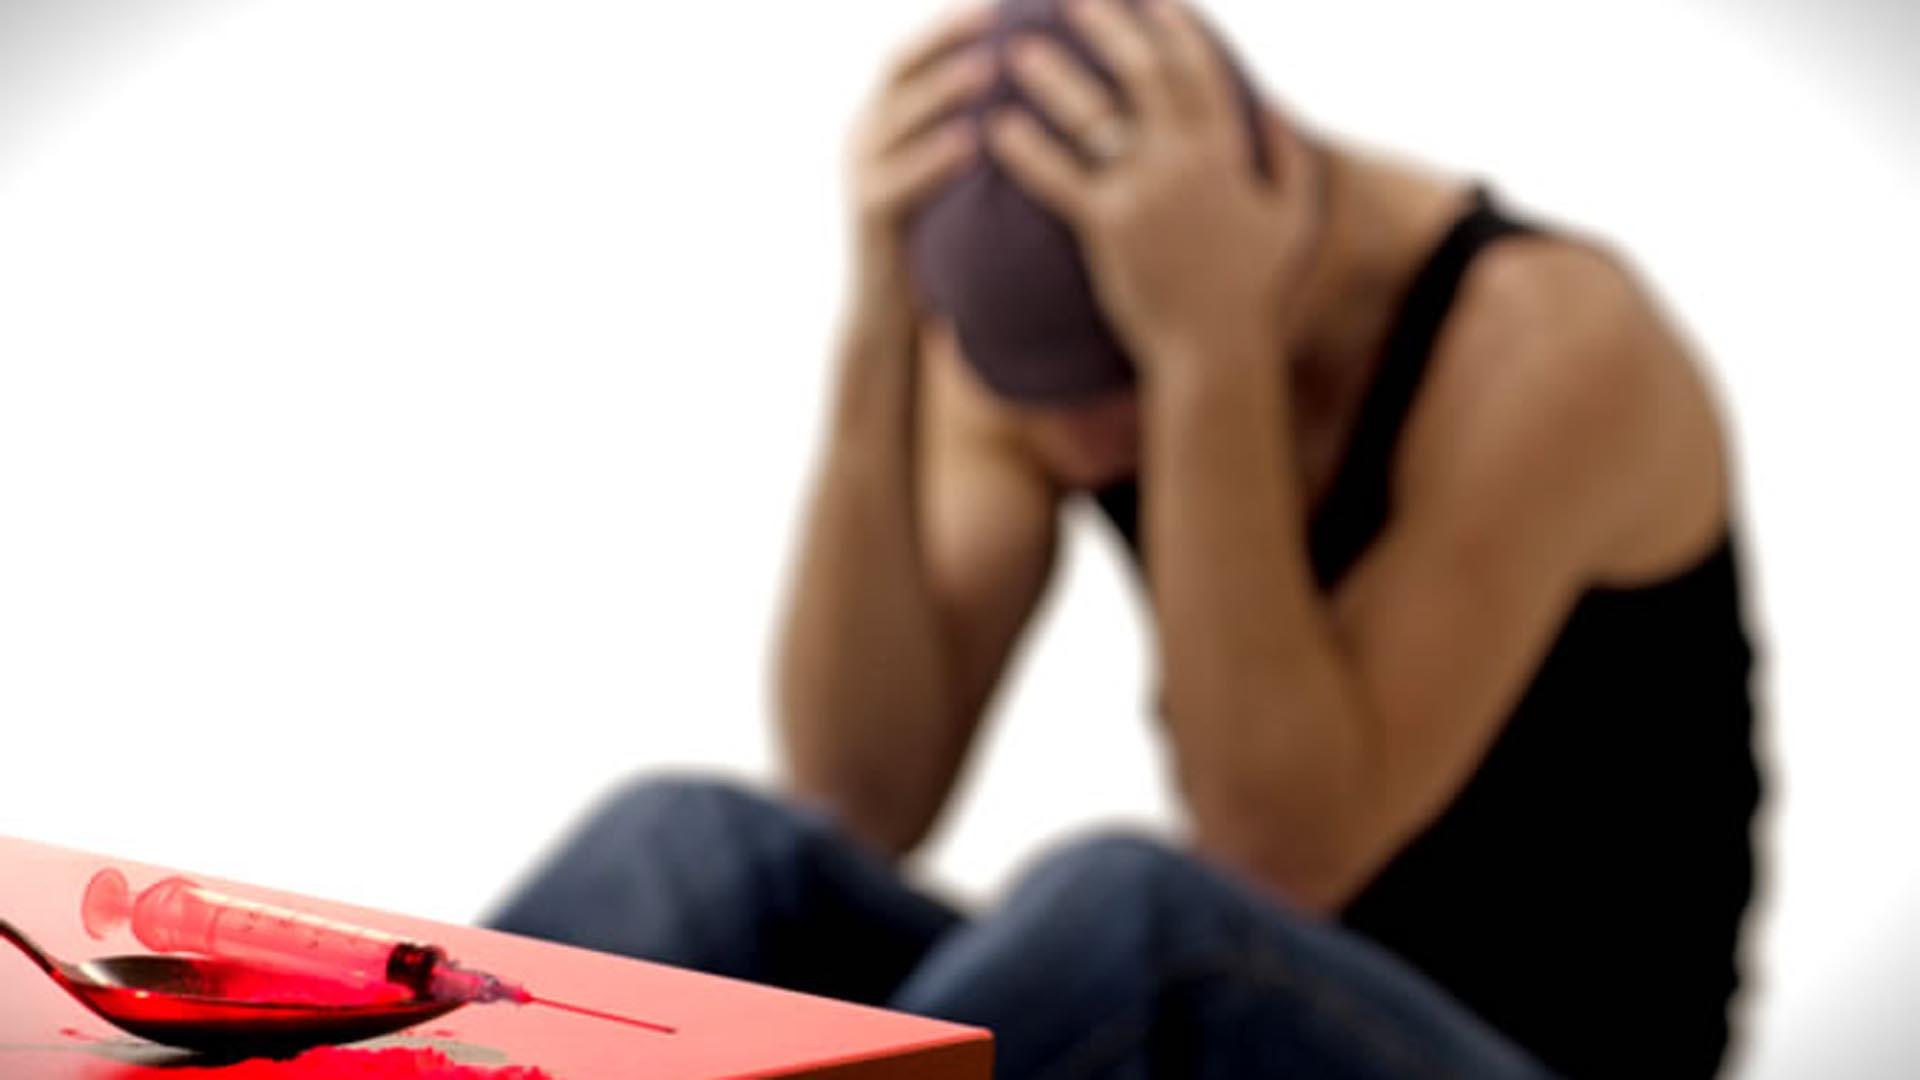 La adicción remodela circuitos neuronales para asignar valor supremo a la cocaína o a la heroína a expensas de otros intereses como la salud, el trabajo, la familia o la vida misma